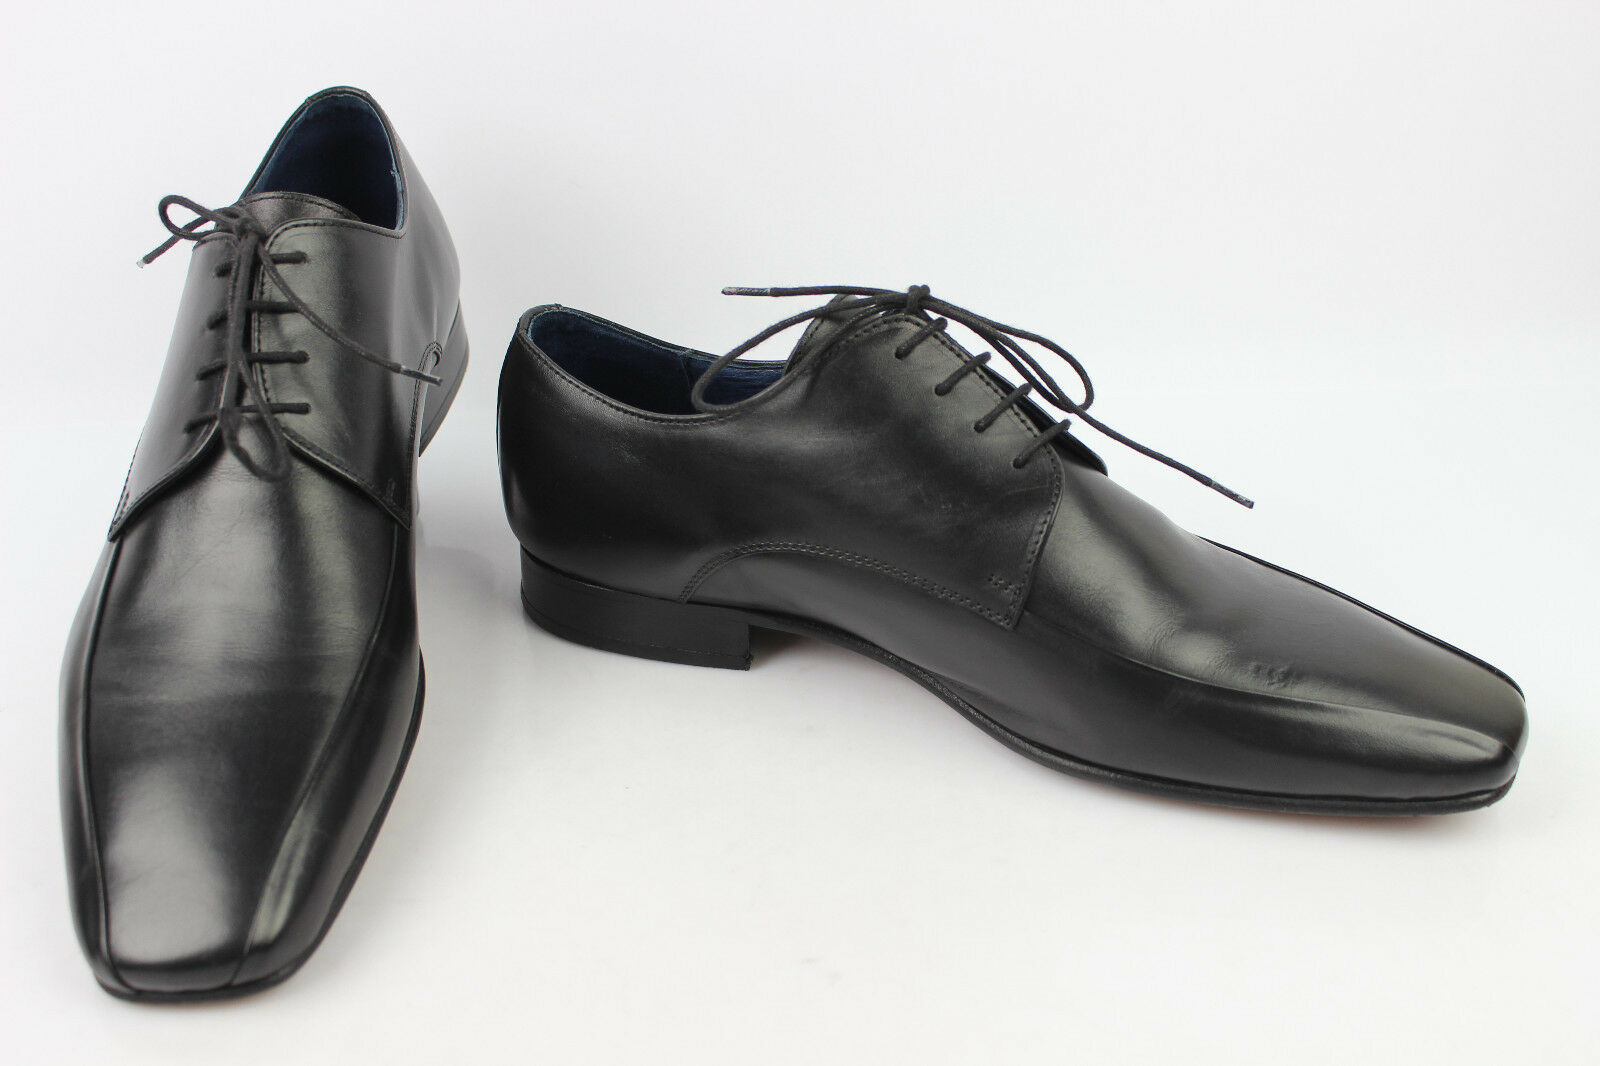 Derby THOMAS STRENTON In Pelle Cucito Nero T 44 OTTIME CONDIZIONI Scarpe classiche da uomo